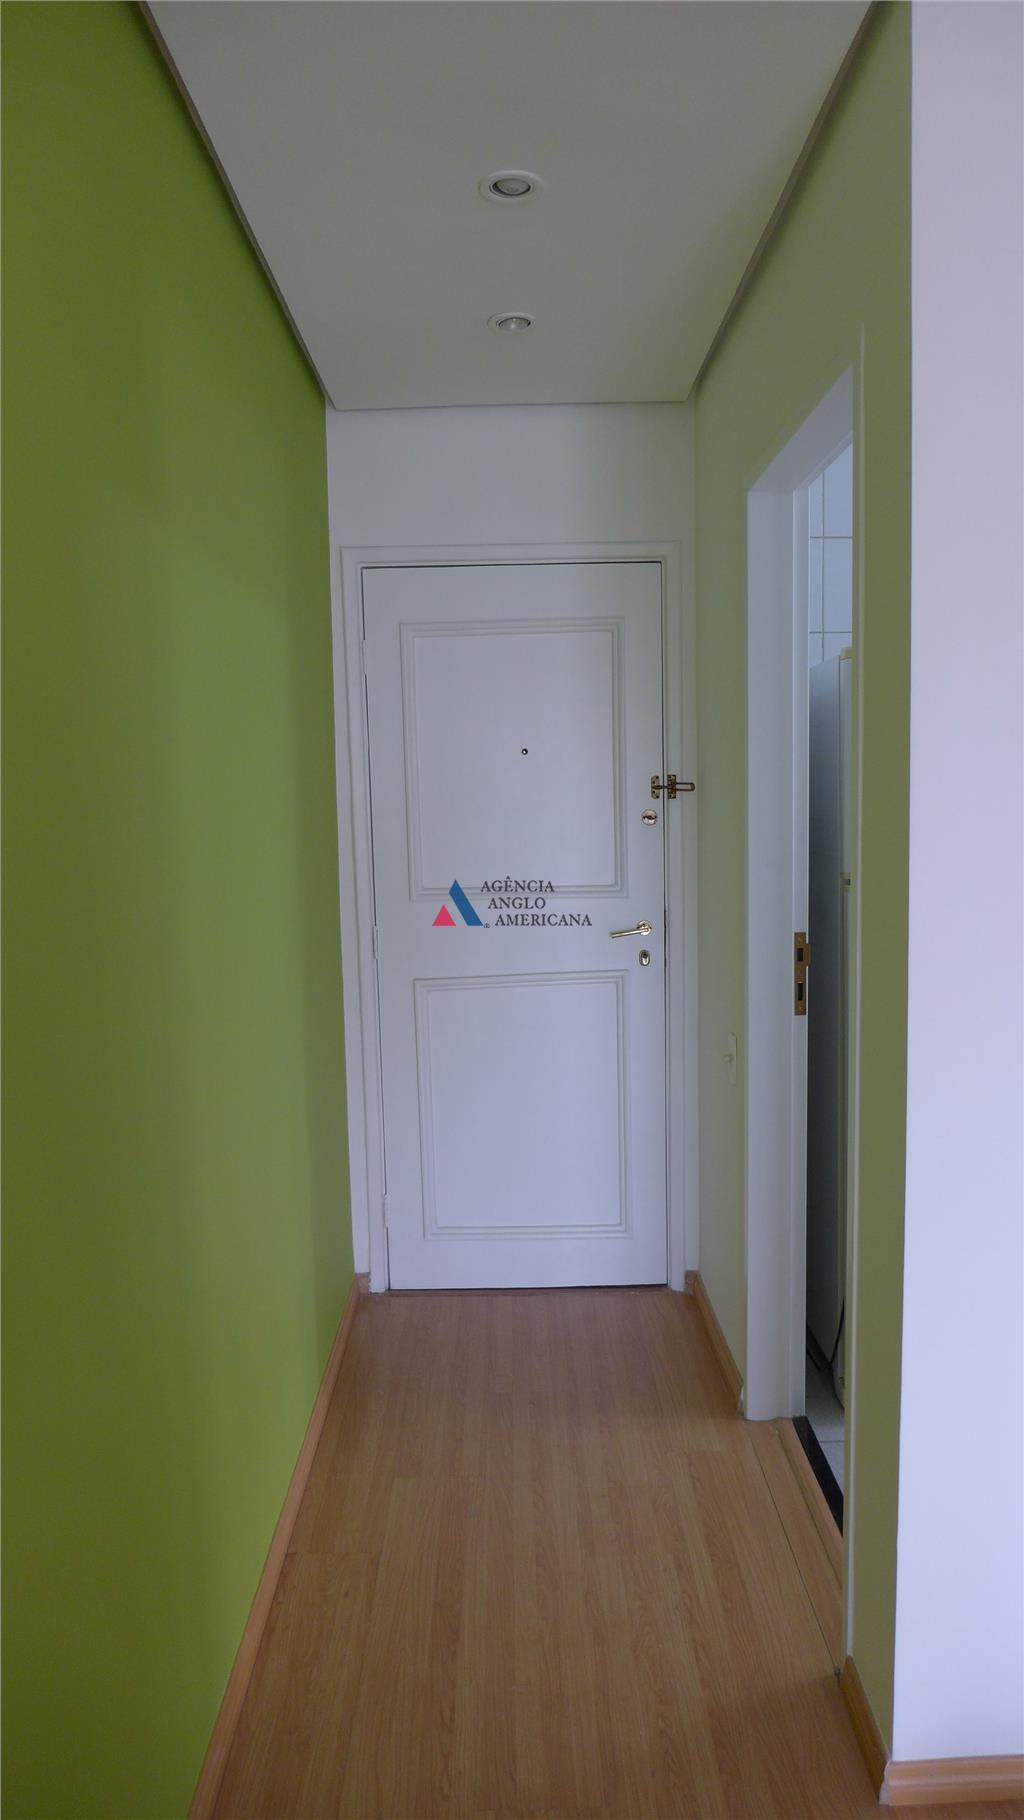 apartamento reformado/mobiliado, excelente localização, próximo do parque ibirapuera.